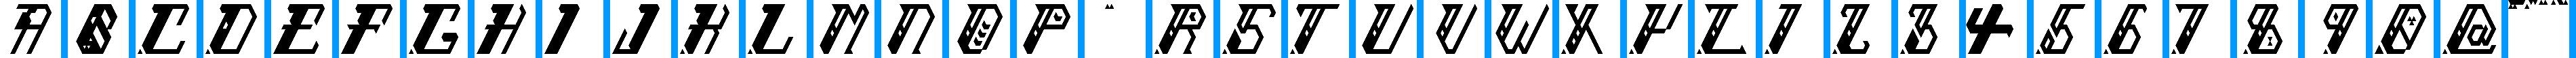 Particip-a-type v.300